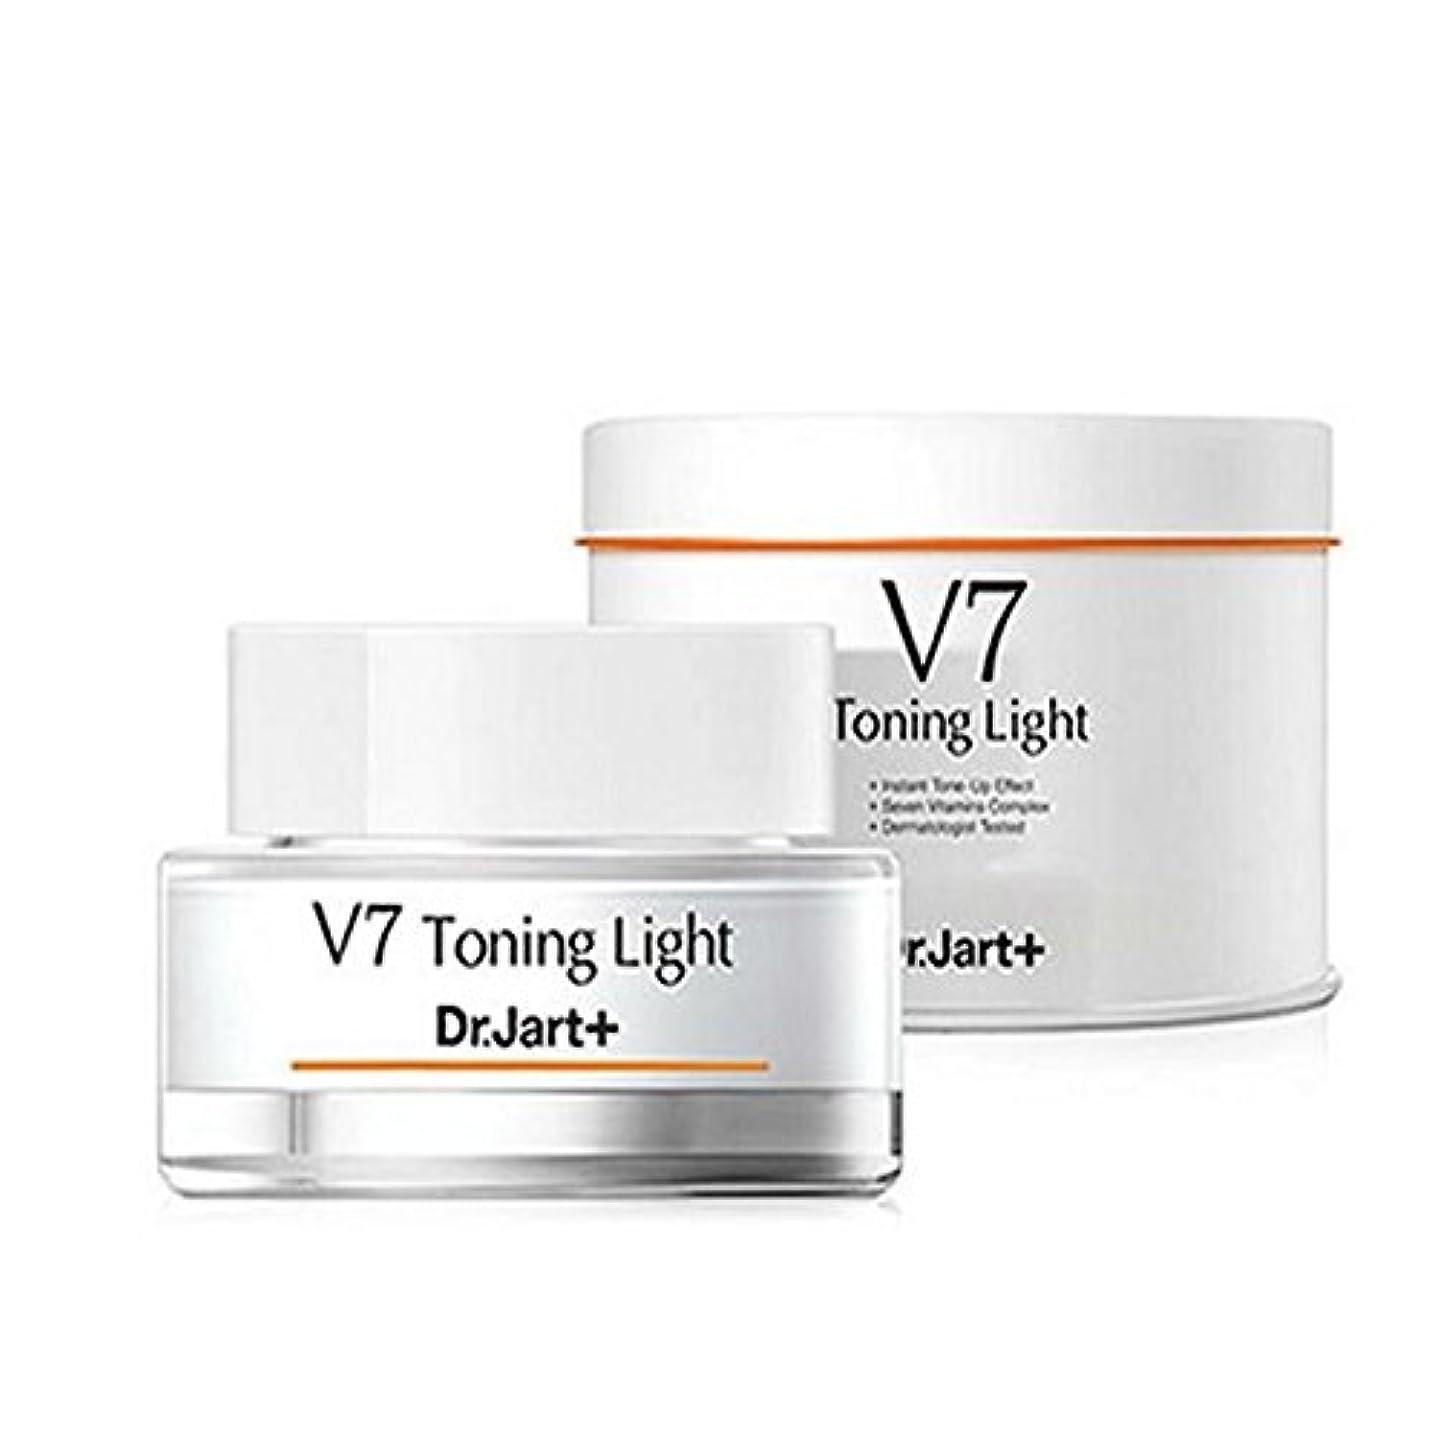 予防接種オート発行するDr. Jart /ドクタージャルト V7 トーニングライト/V7 Toning Lihgt 50ml/100% Authentic direct from Korea [並行輸入品]